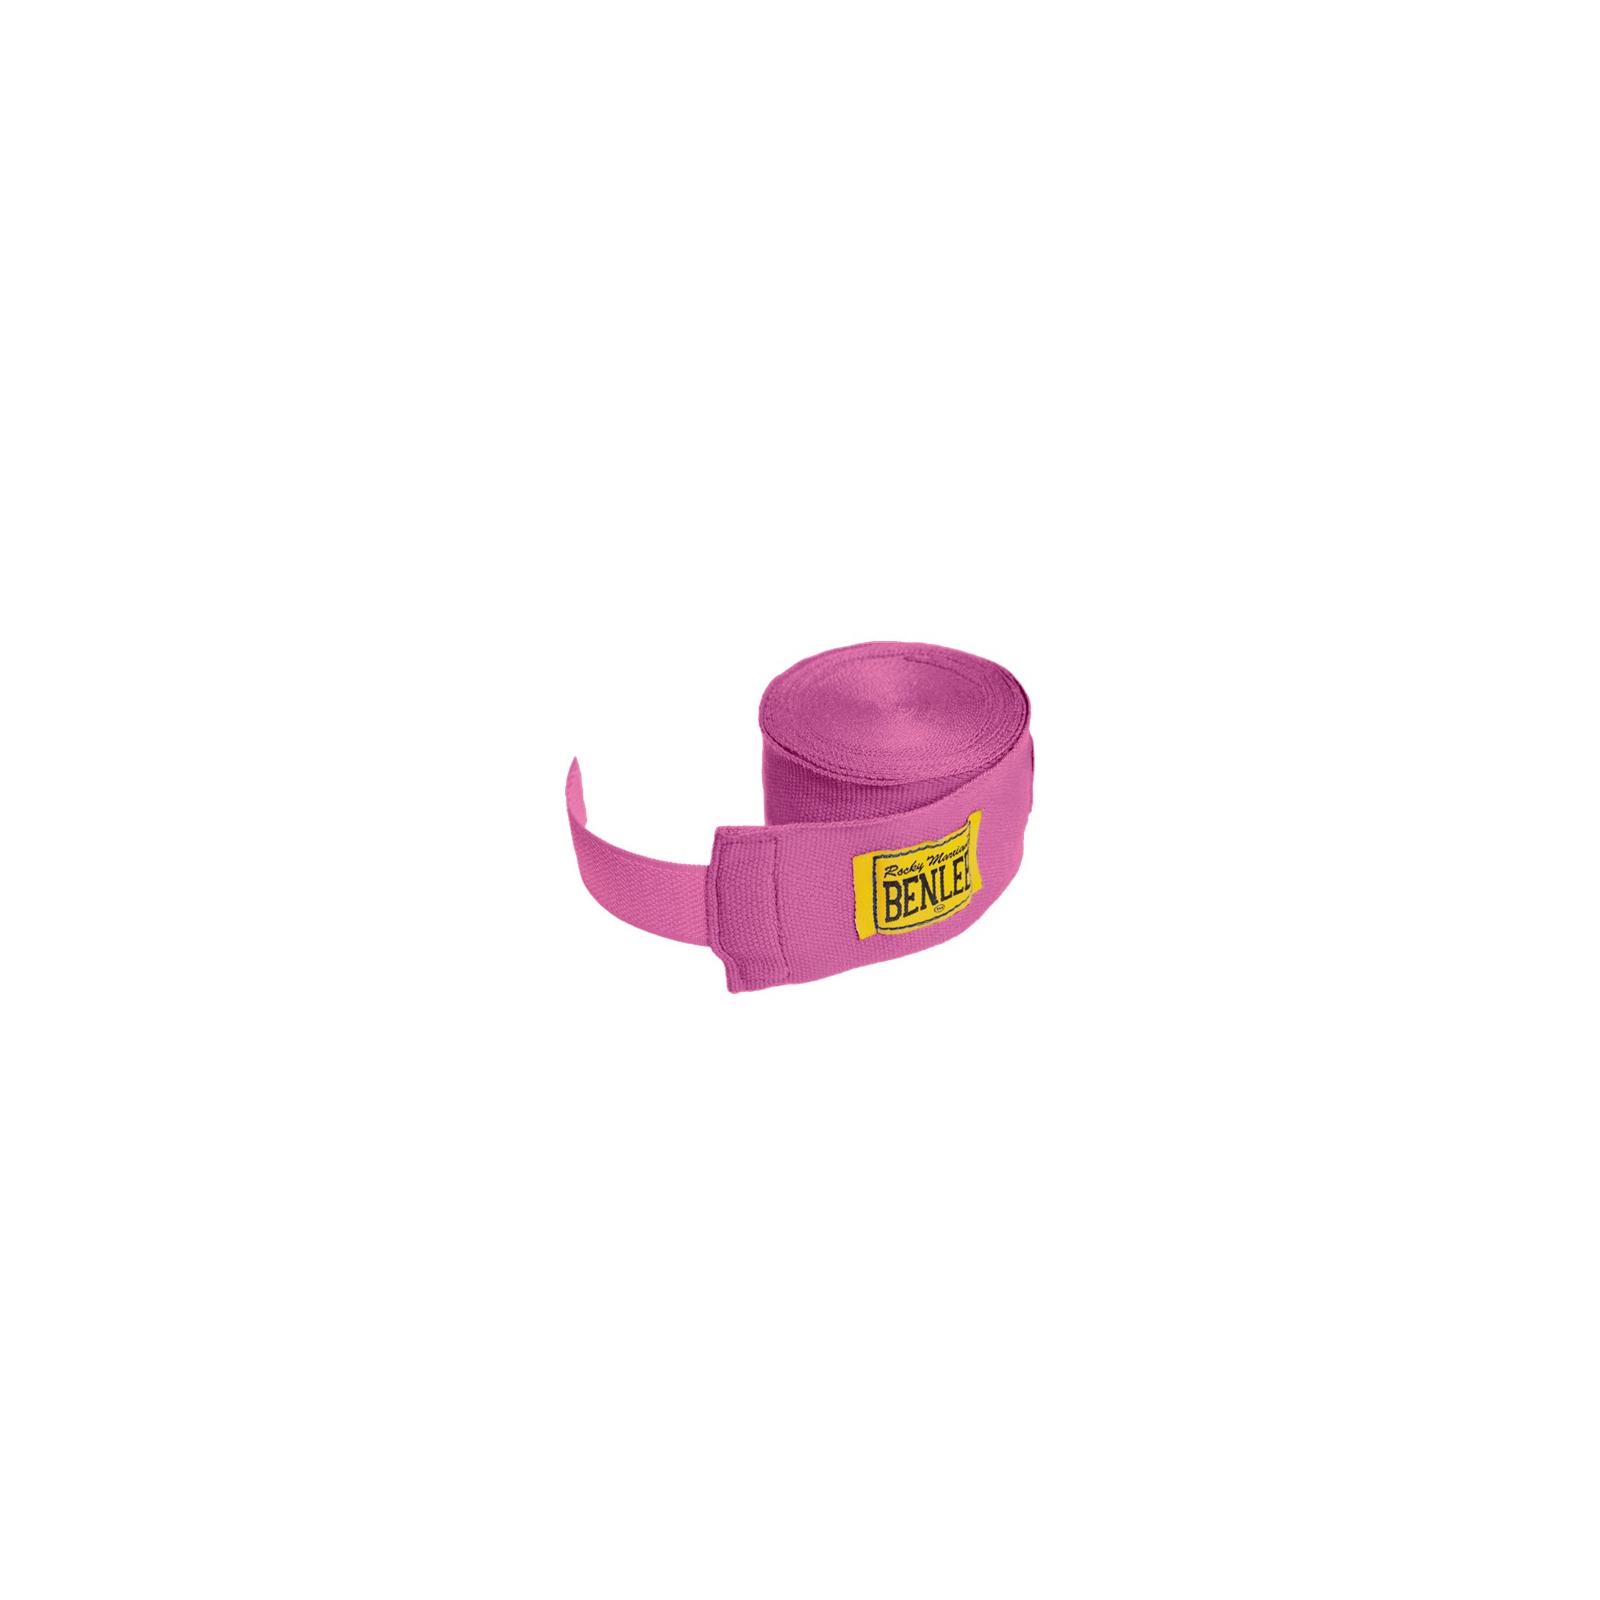 Бинт для спорта Benlee эластичный 3м Pink (195002 (pink) 300 cm.)